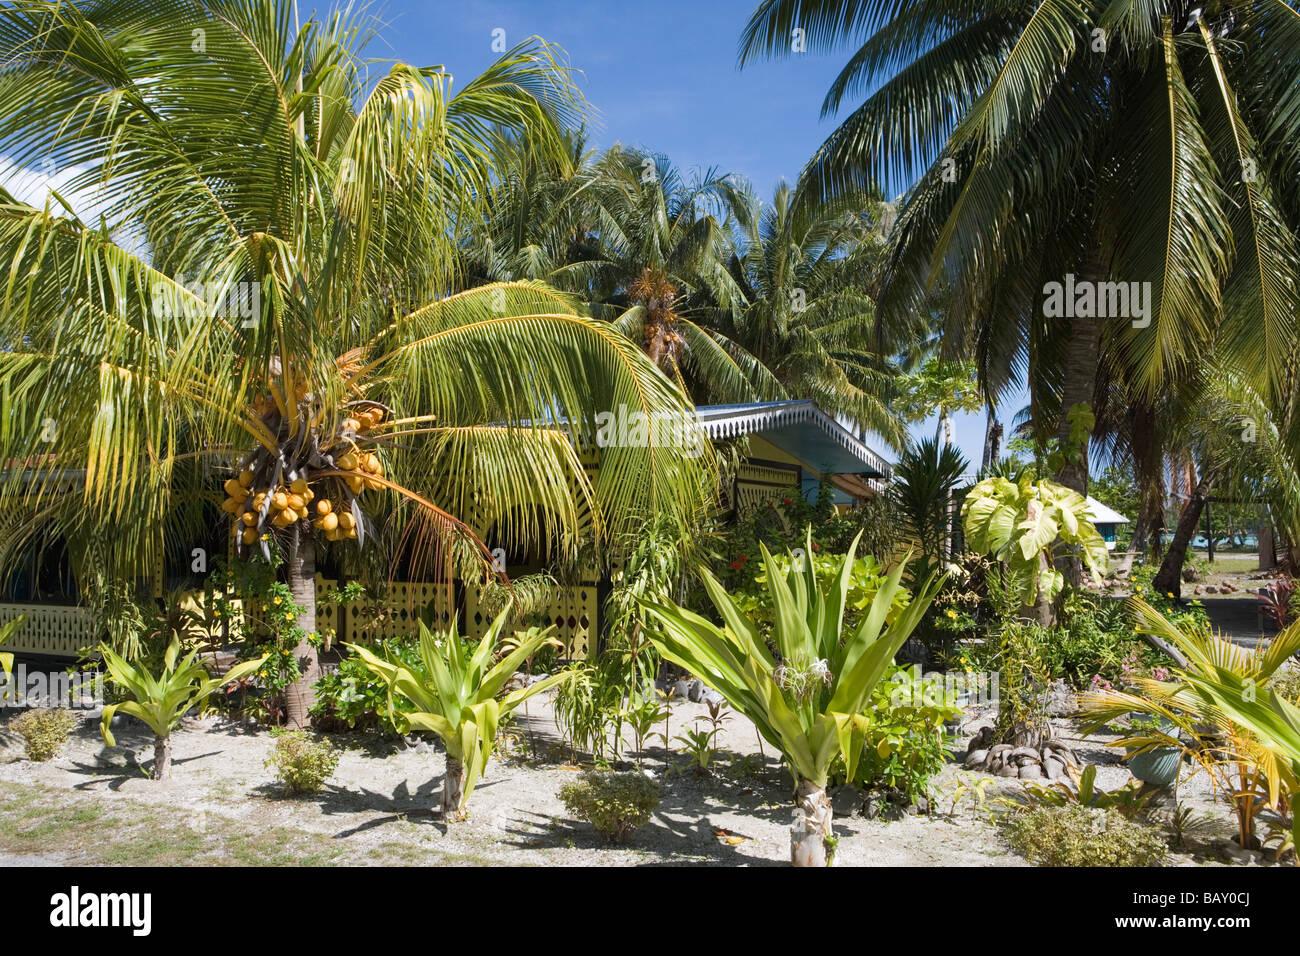 Tropical garden and house, Avatoru, Rangiroa, The Tuamotus, French Polynesia - Stock Image